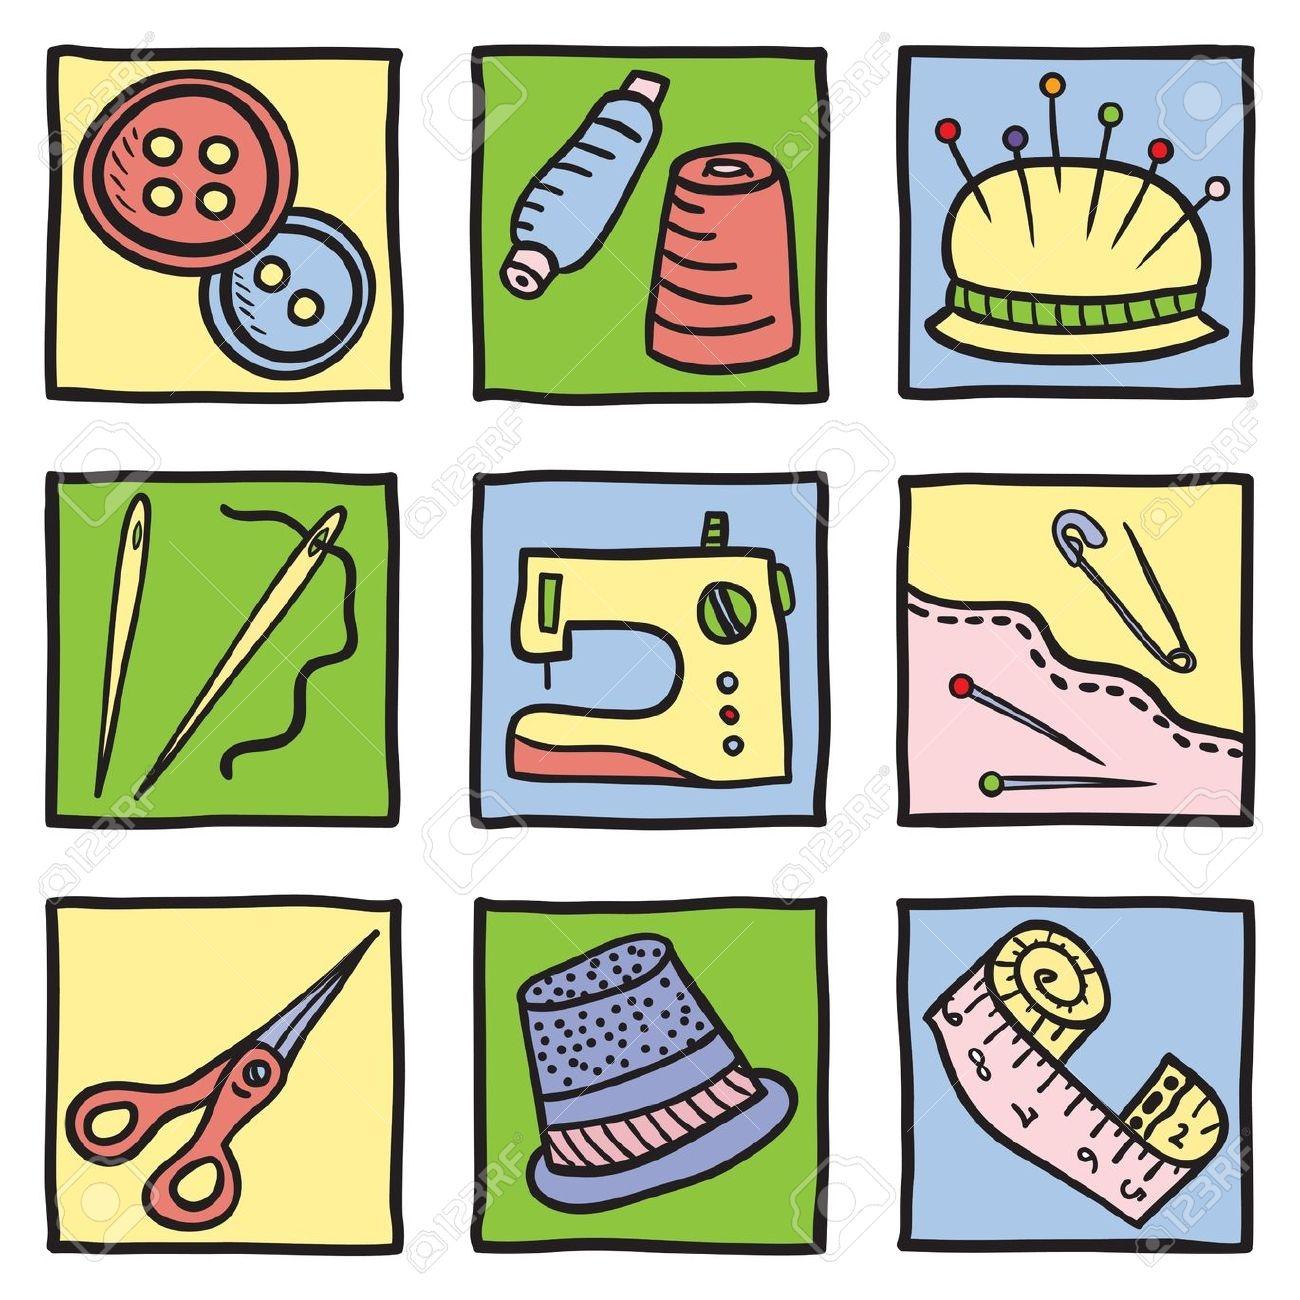 Sewing Tools Clip Art.